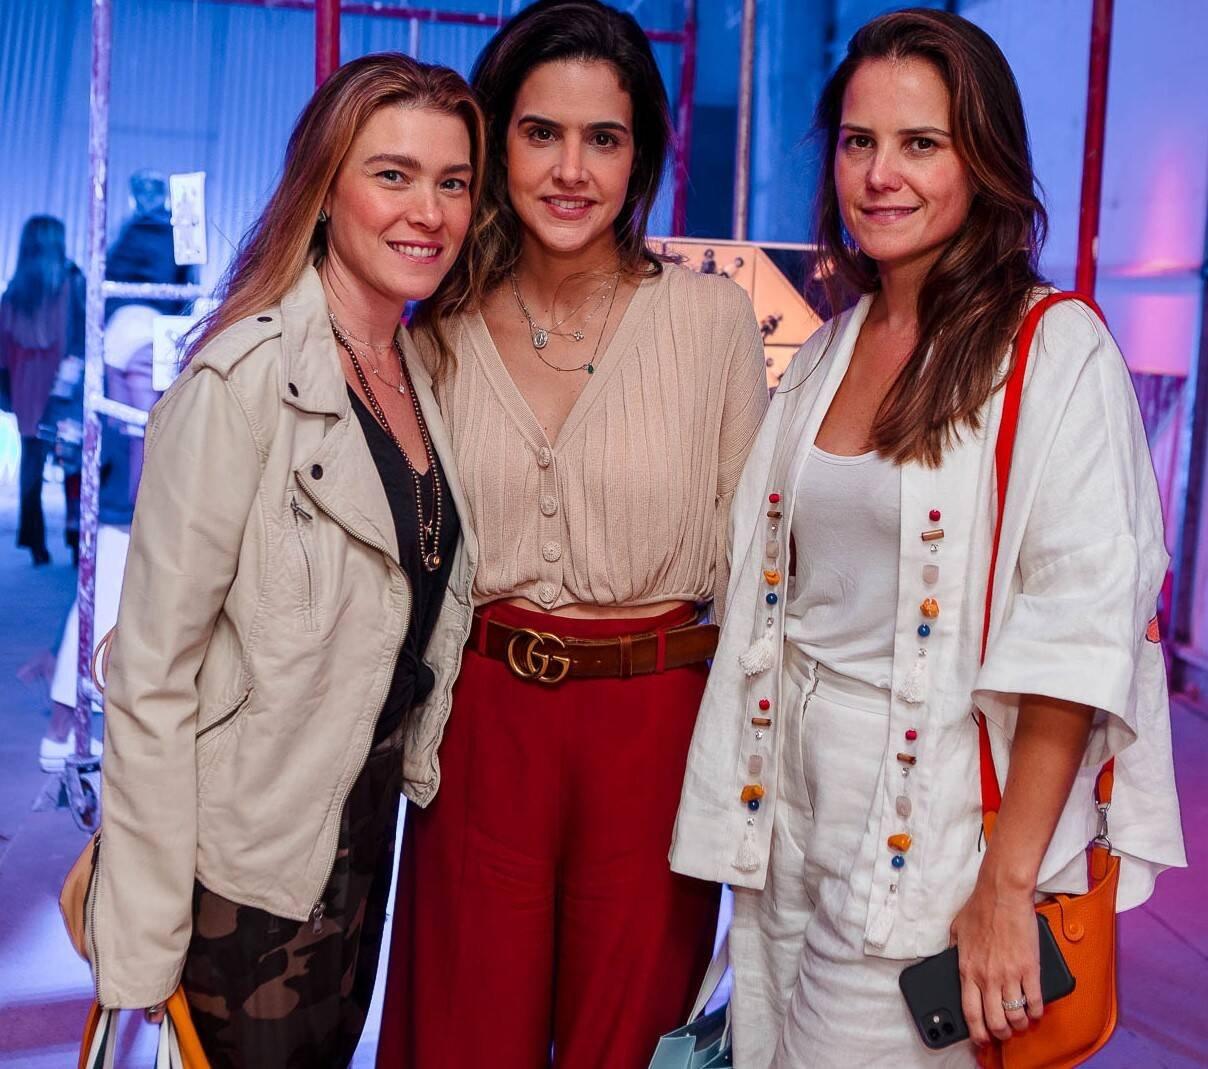 Tatiana Gouveia, Andreia Palhares e Carola Gouveia Vieira /Foto: Bruno Ryfer